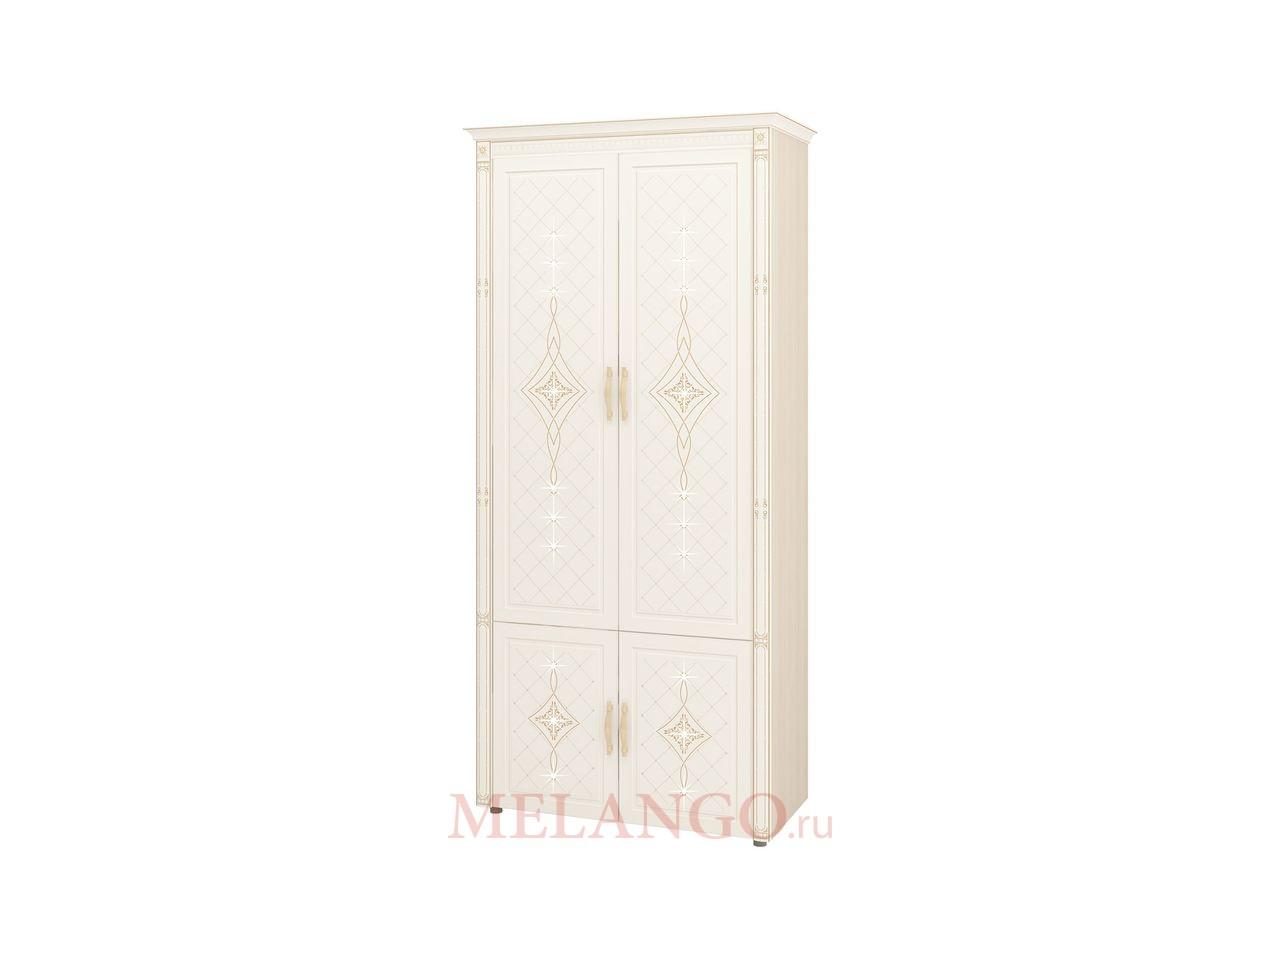 Шкаф для одежды Венеция 32.22 с колоннами многофункциональный